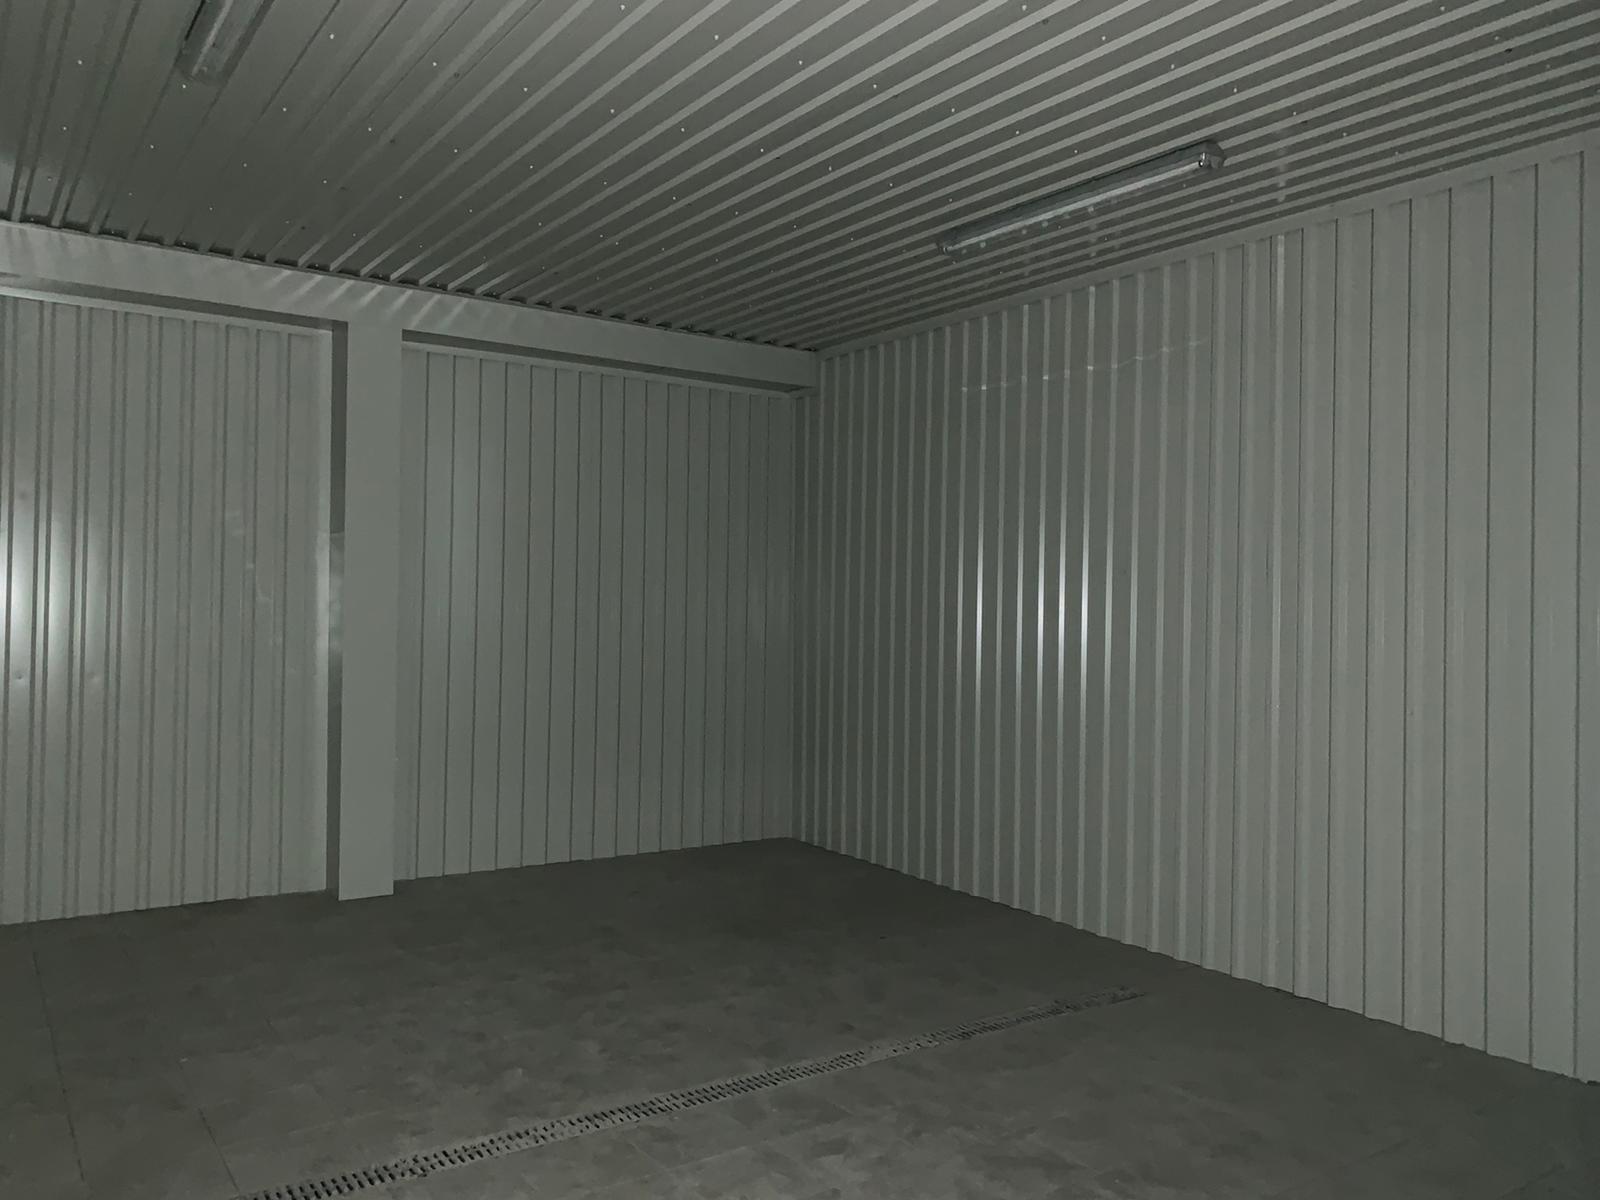 Pārdod ražošanas telpas, Jaunsilavas iela - Attēls 1